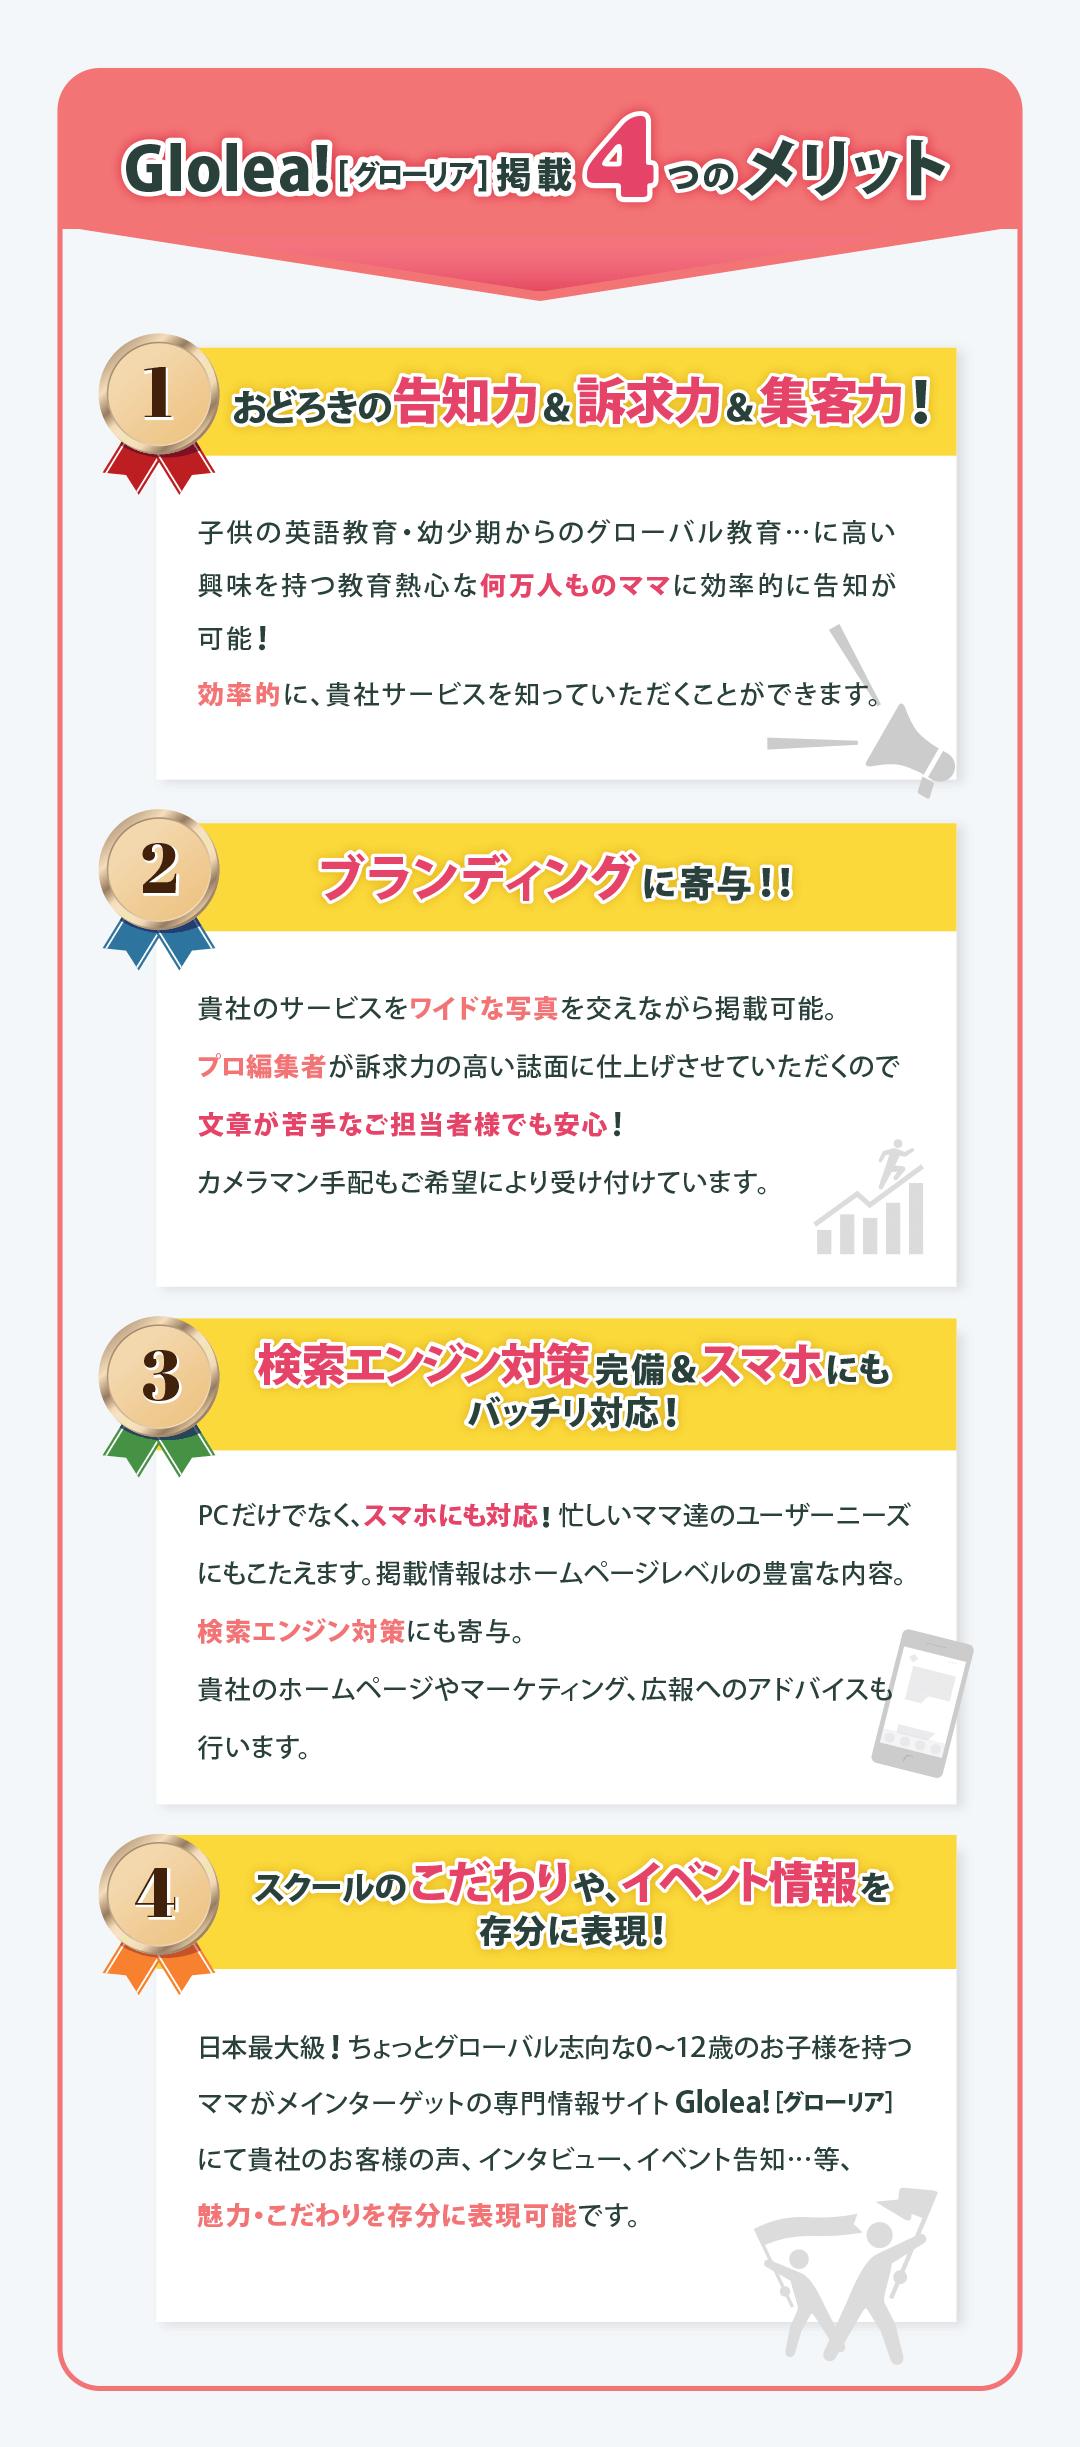 4つのメリット